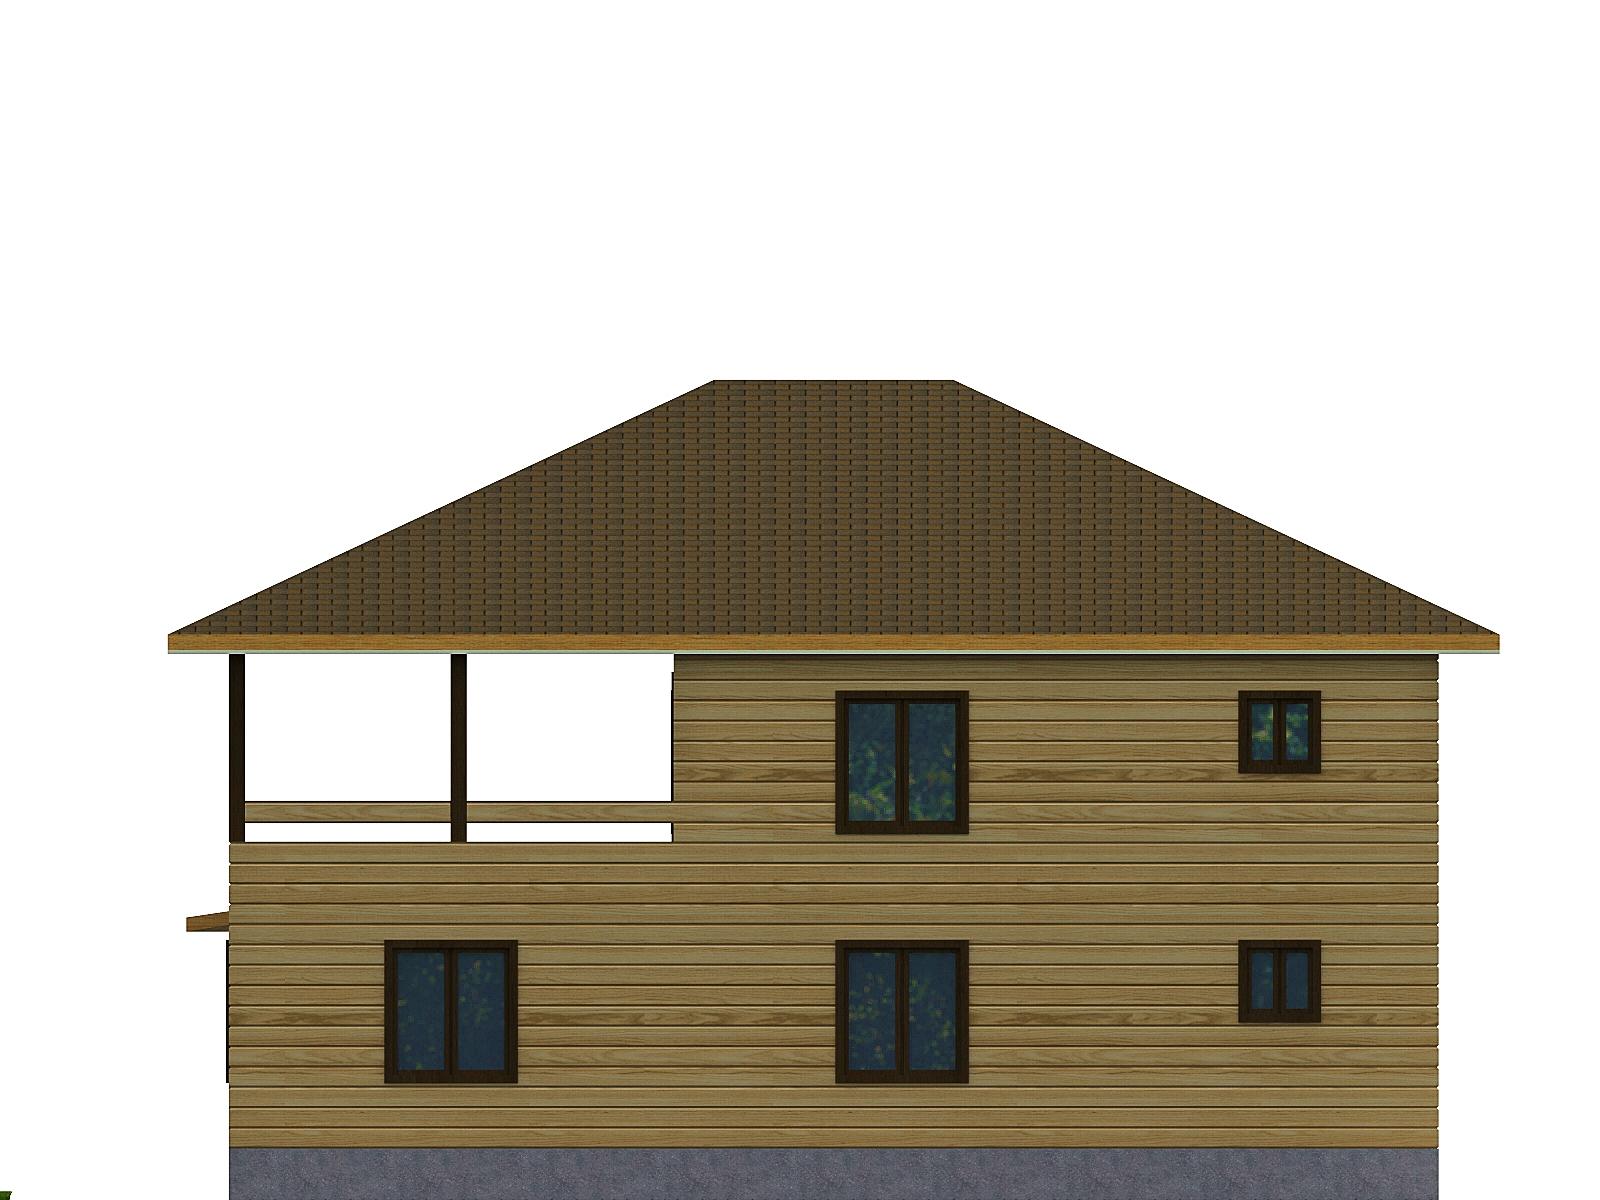 Проект дома из бруса 11х12 2 этажа с крыльцом и террасой. Разрез 2.